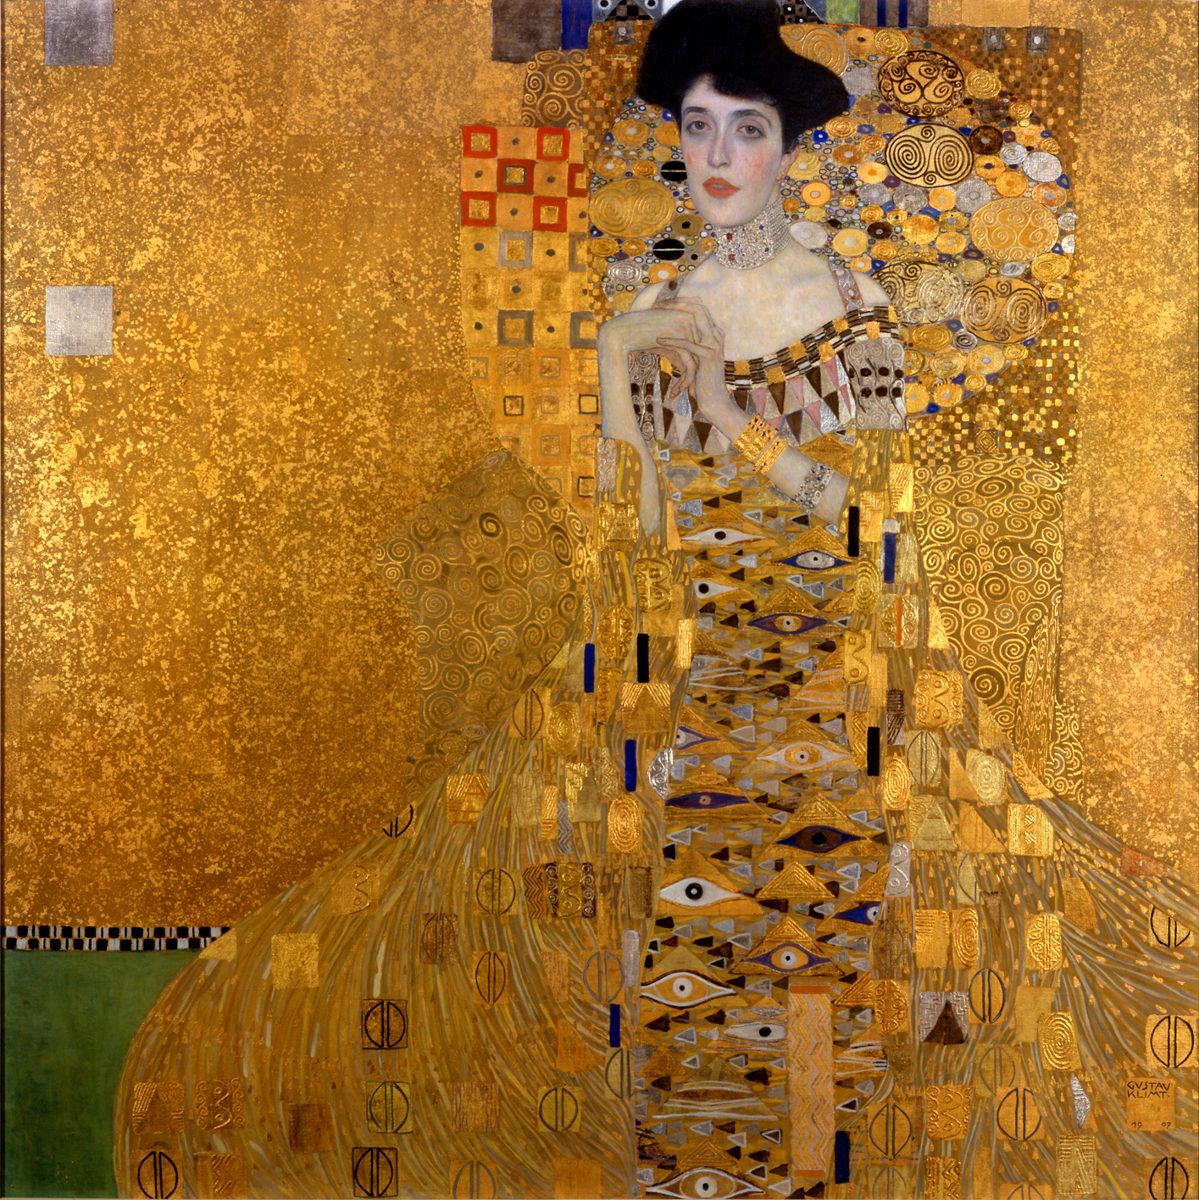 Gustav Klimt Ritratto di Adele Bloch-Bauer I, 1907